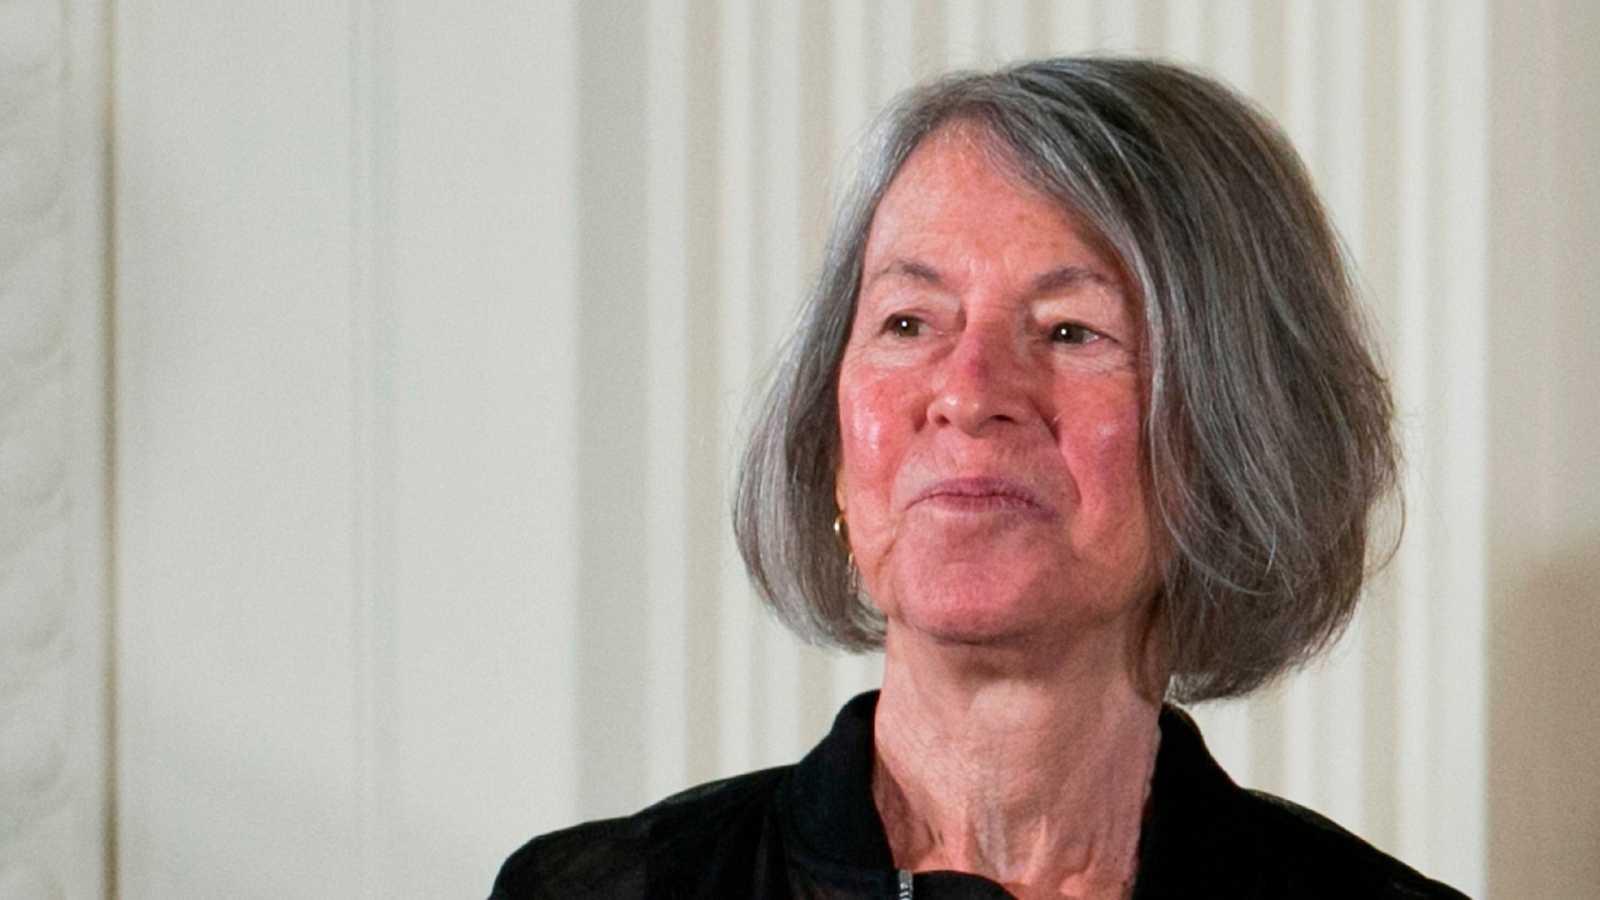 El ojo crítico - Louise Glück, premio Nobel de Literatura - 08/10/20 - escuchar ahora